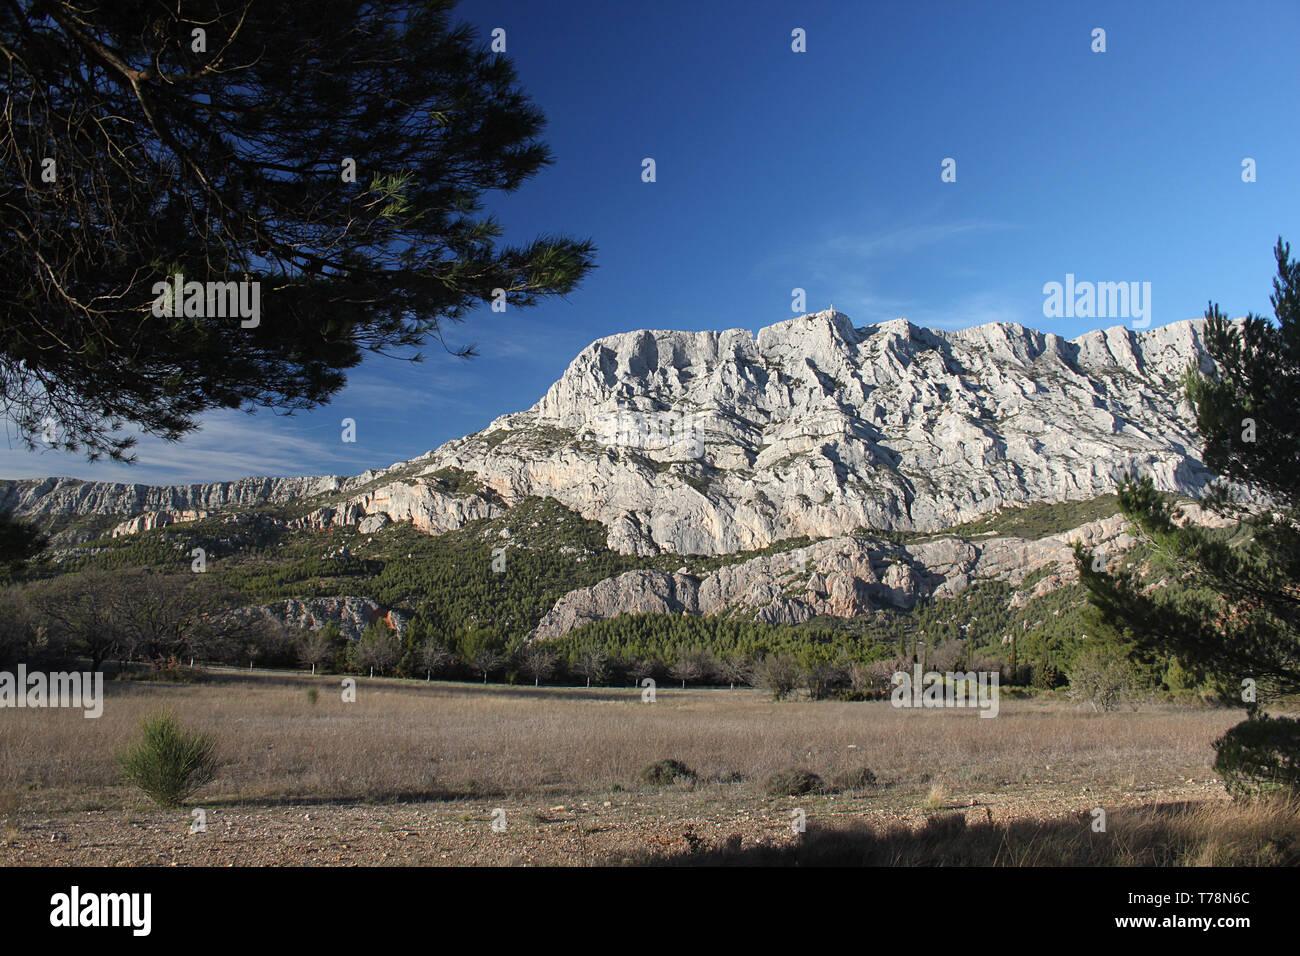 La montagna Sainte Victoire, a nord di Aix-en-Provence. È stato un argomento preferito di ispirazione per il pittore impressionista Paul Cezanne Immagini Stock